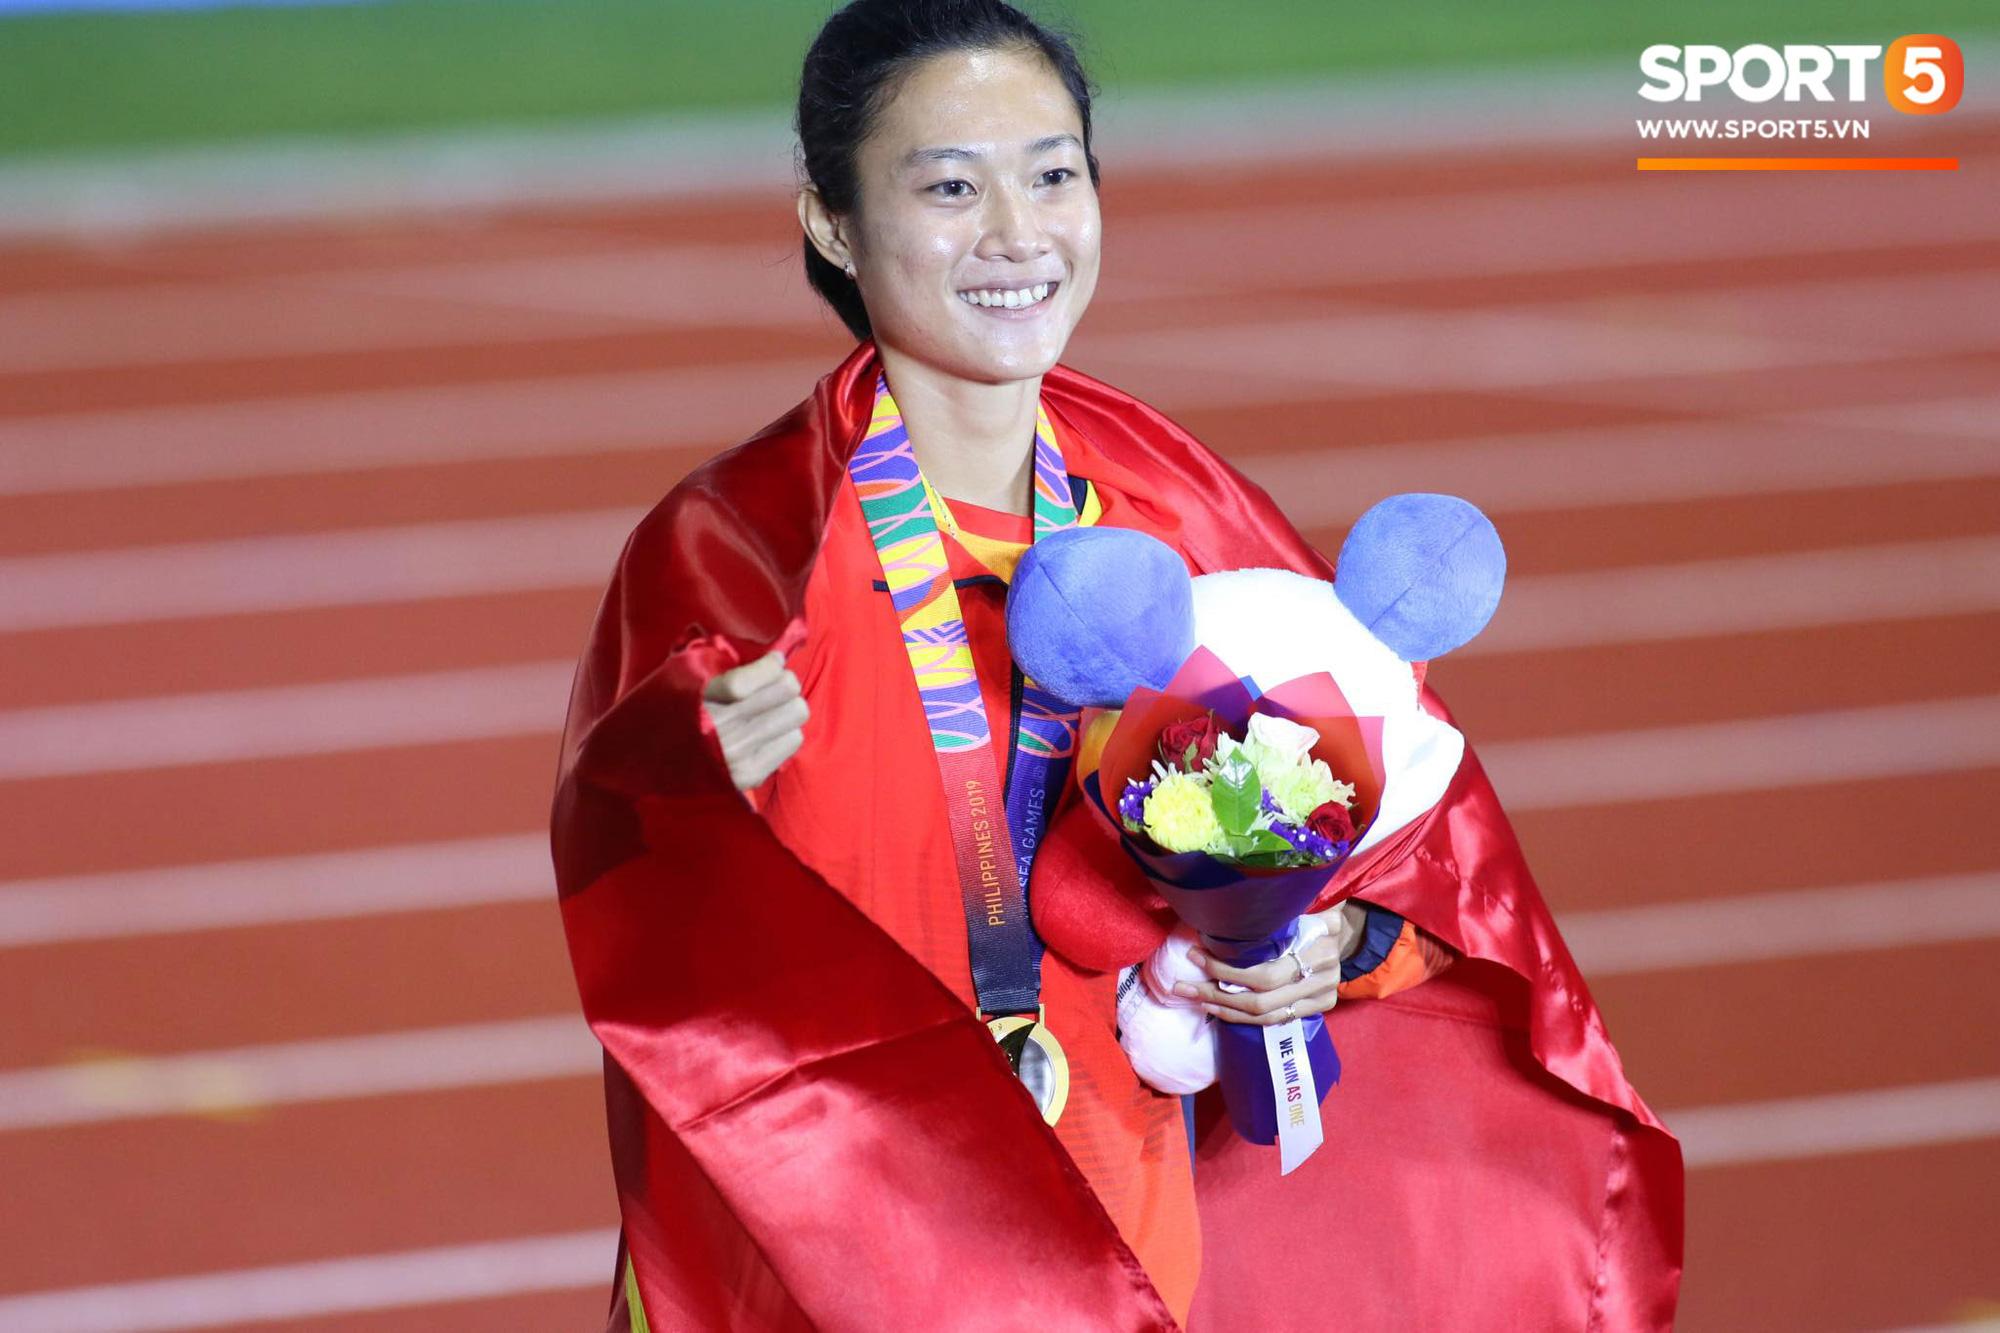 SEA Games ngày 8/12: Nữ hoàng điền kinh Tú Chinh vượt 2 VĐV nhập tịch trong tích tắc, xuất sắc giành HCV chung cuộc - Ảnh 12.